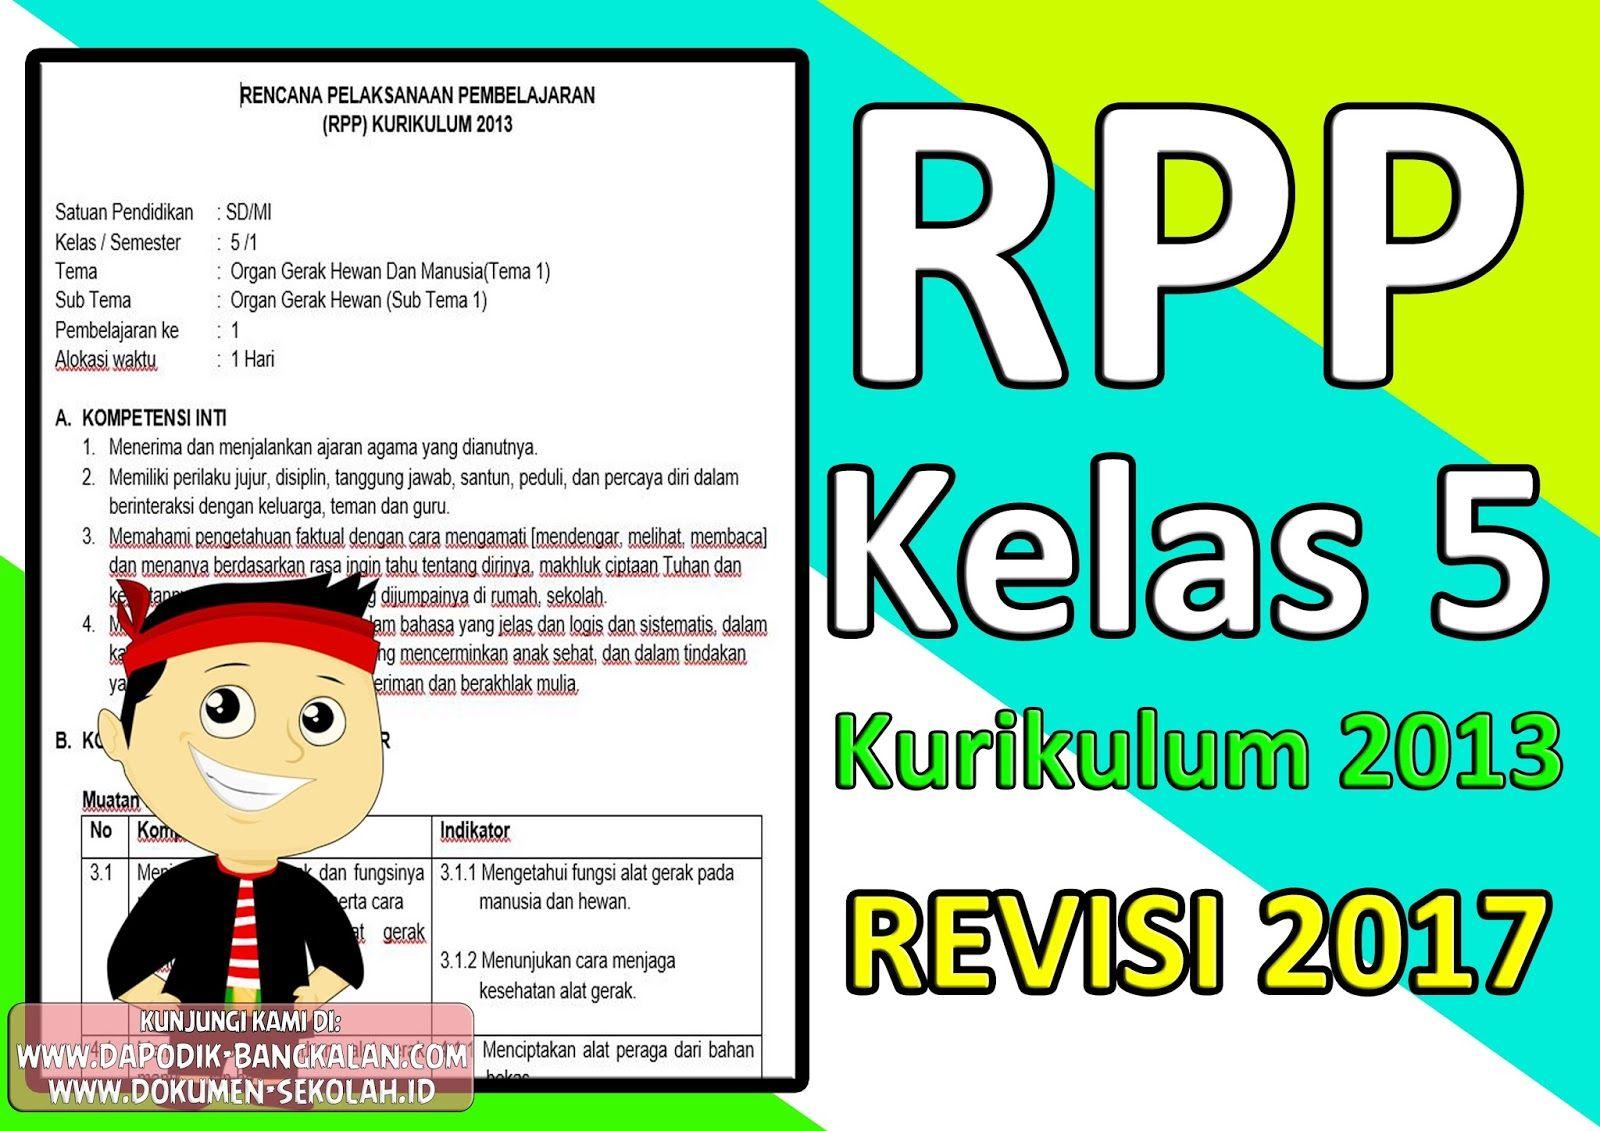 Download Rpp Kelas 5 Kurikulum 2013 Revisi 2017 Dapodik Bangkalan Kurikulum Pendidikan Belajar